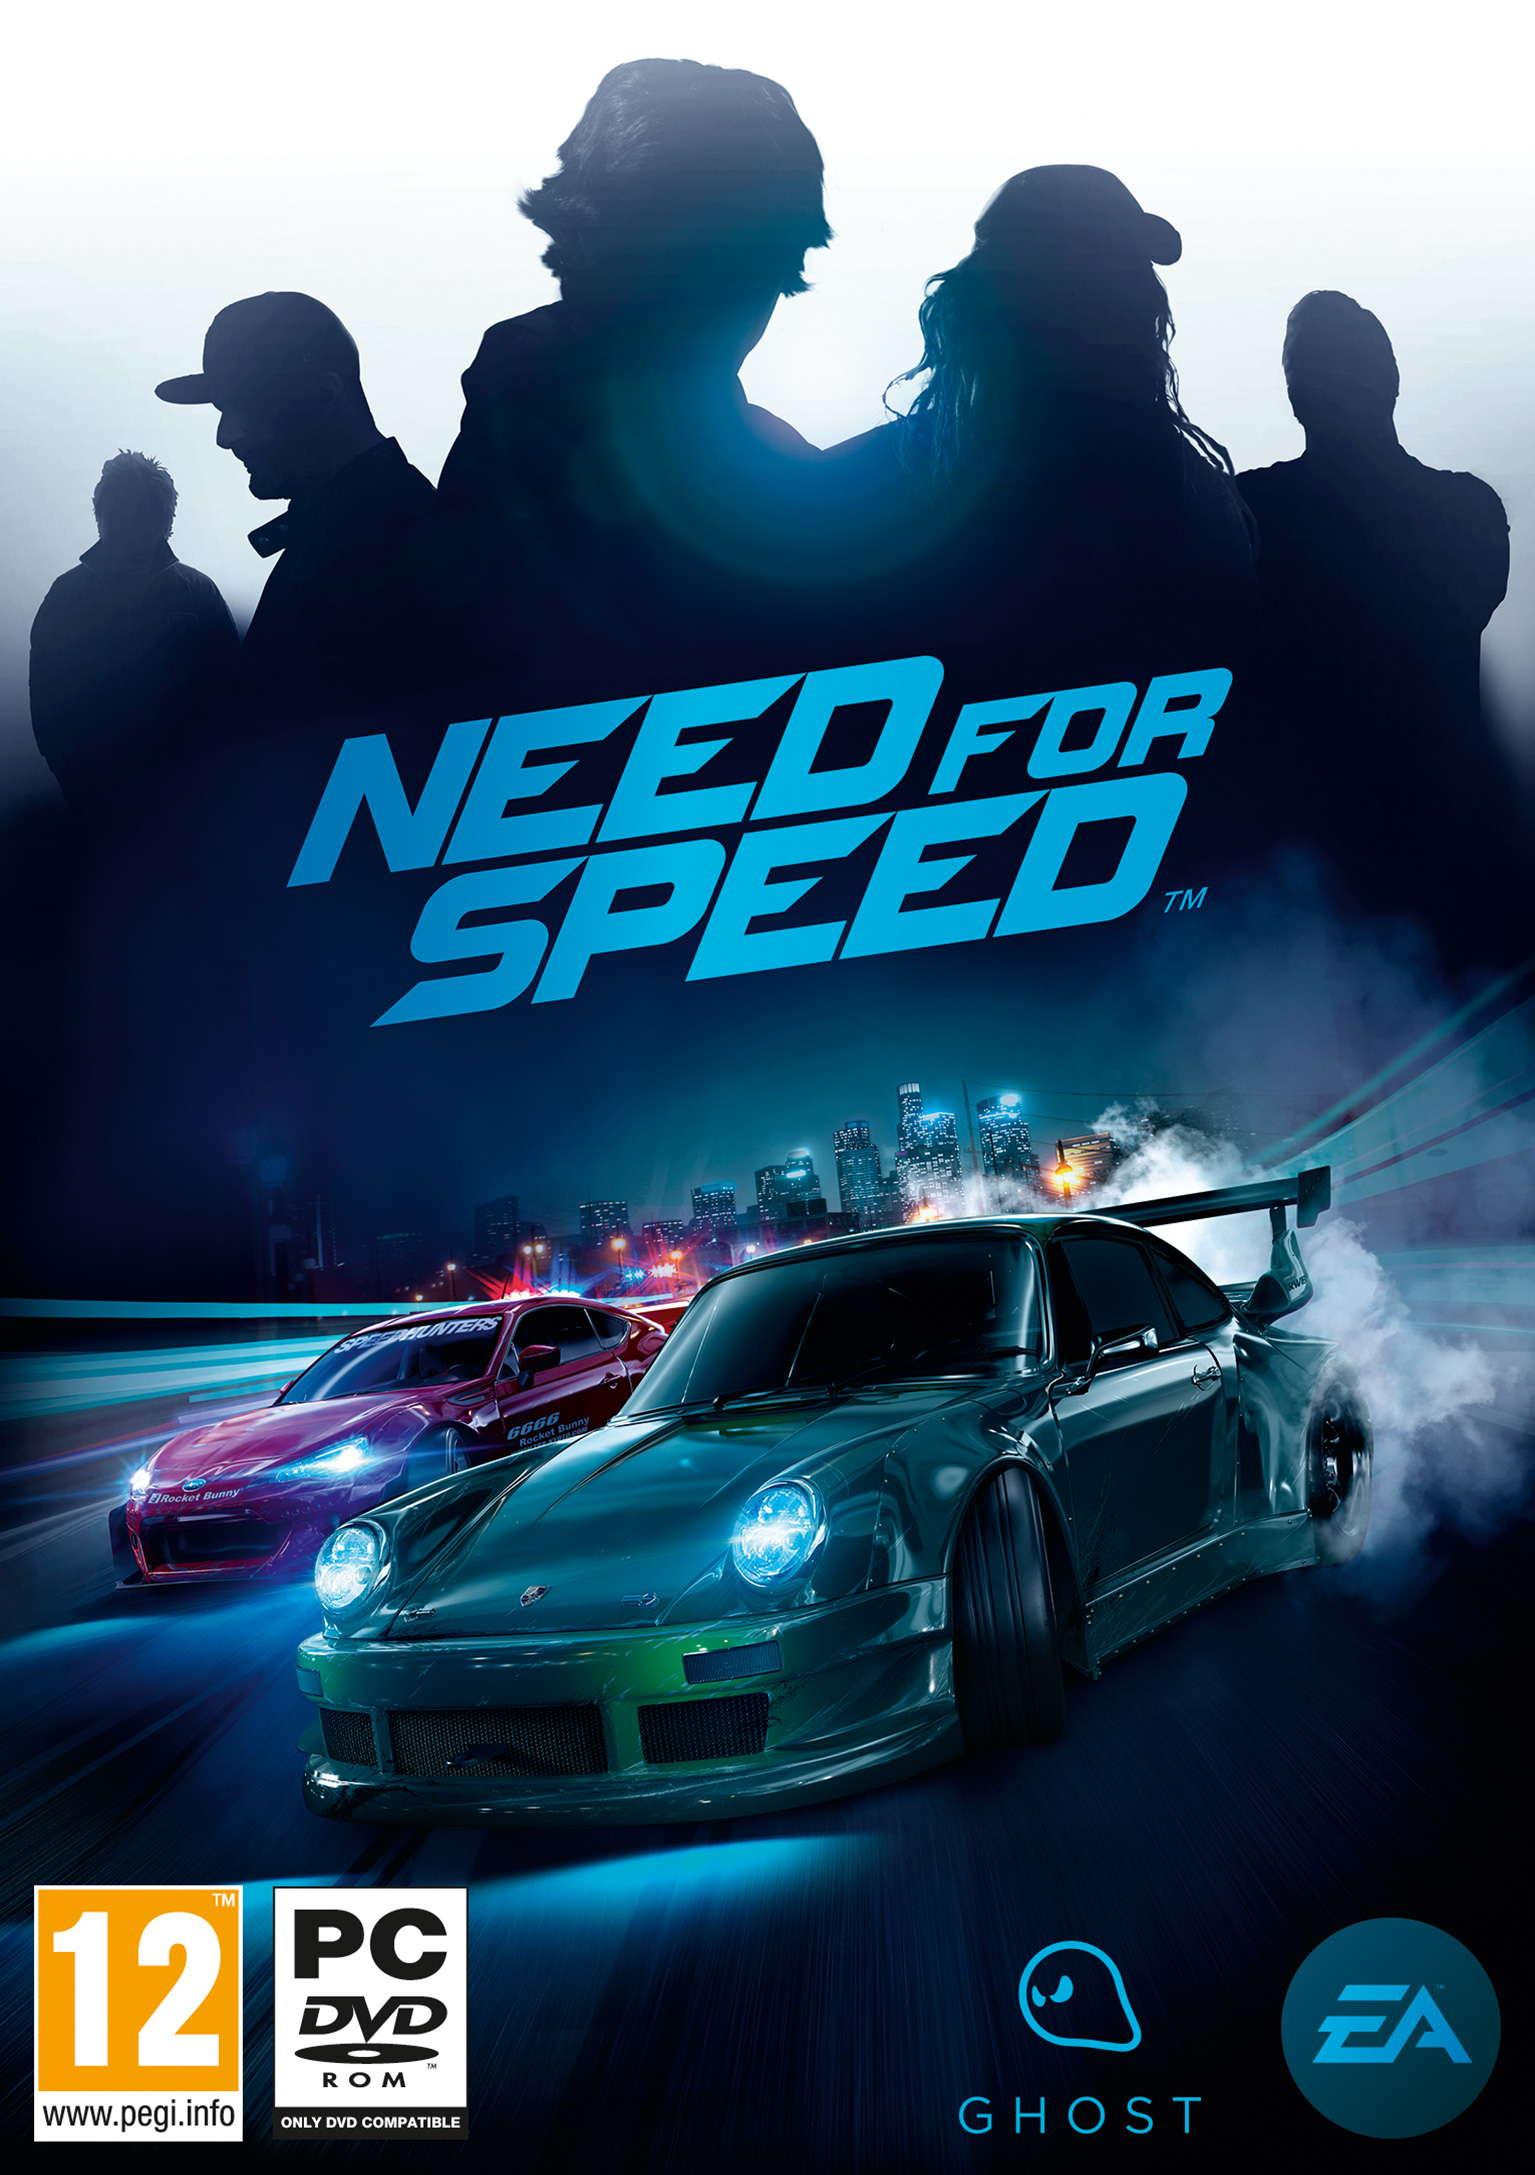 Скачать Need for Speed 2015 2015 через торрент бесплатно